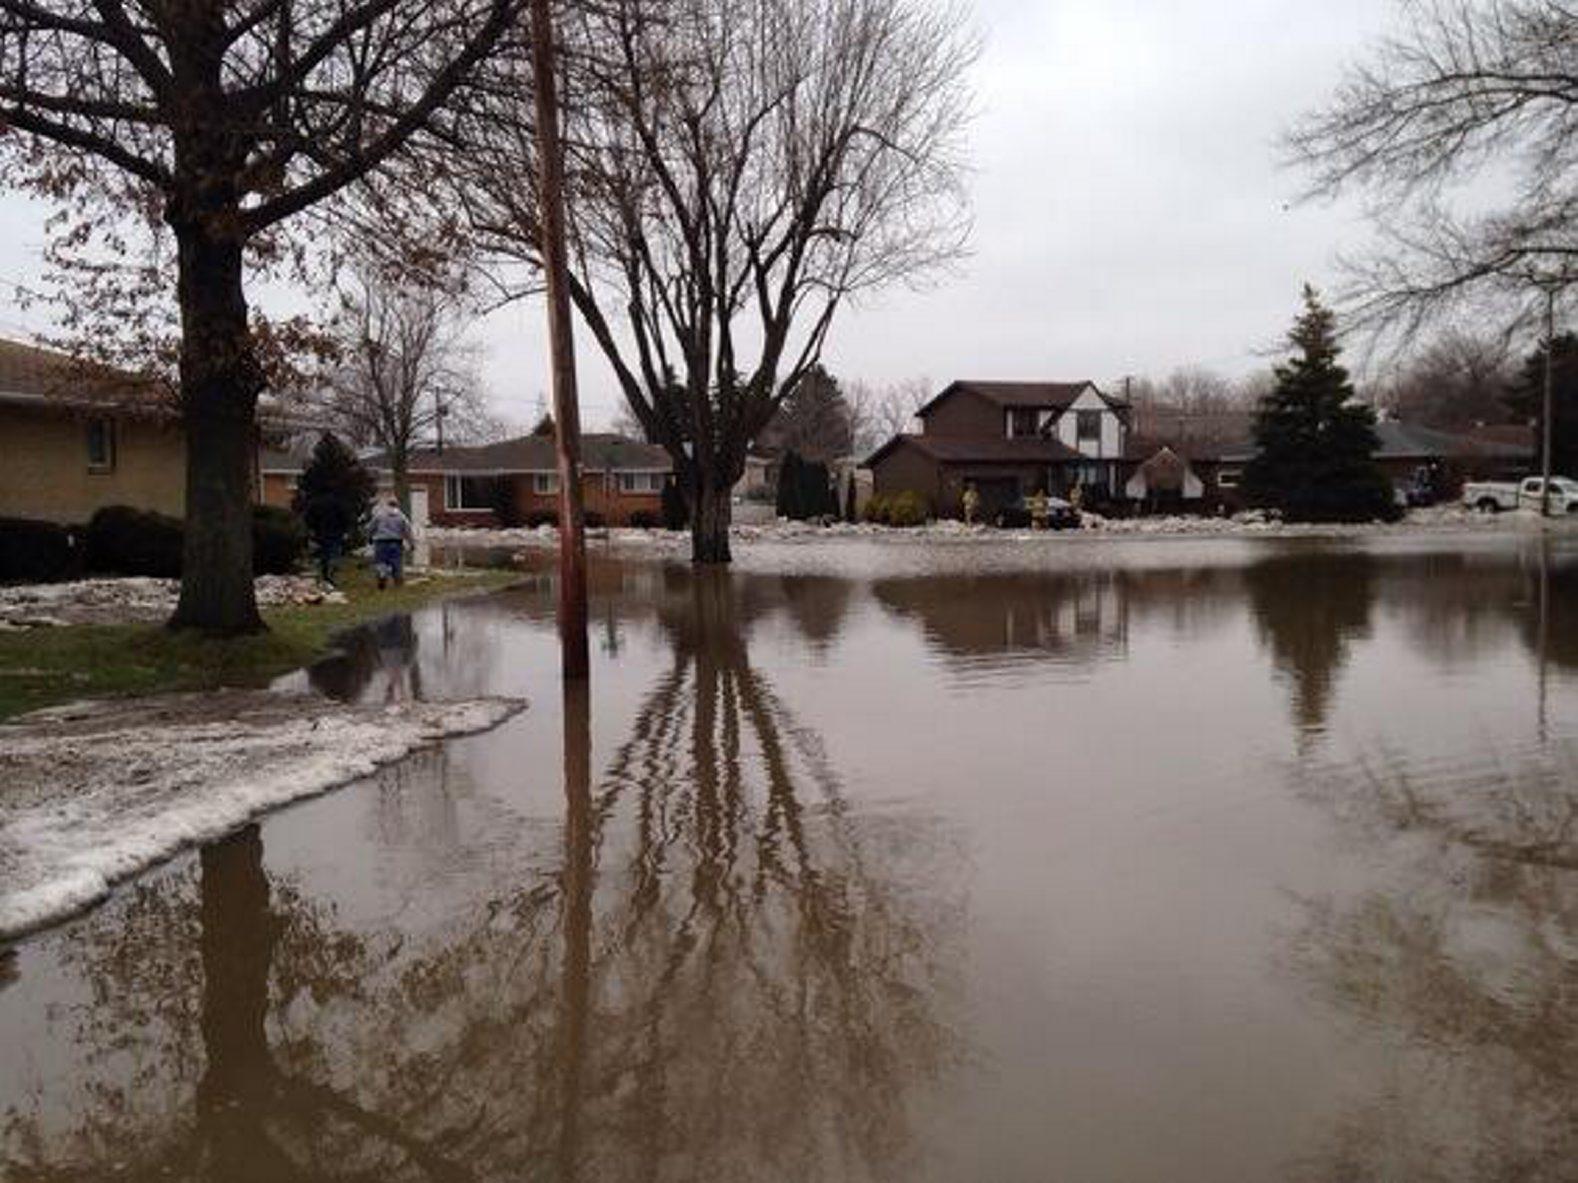 Brian Lane in West Seneca was still under water Sunday.